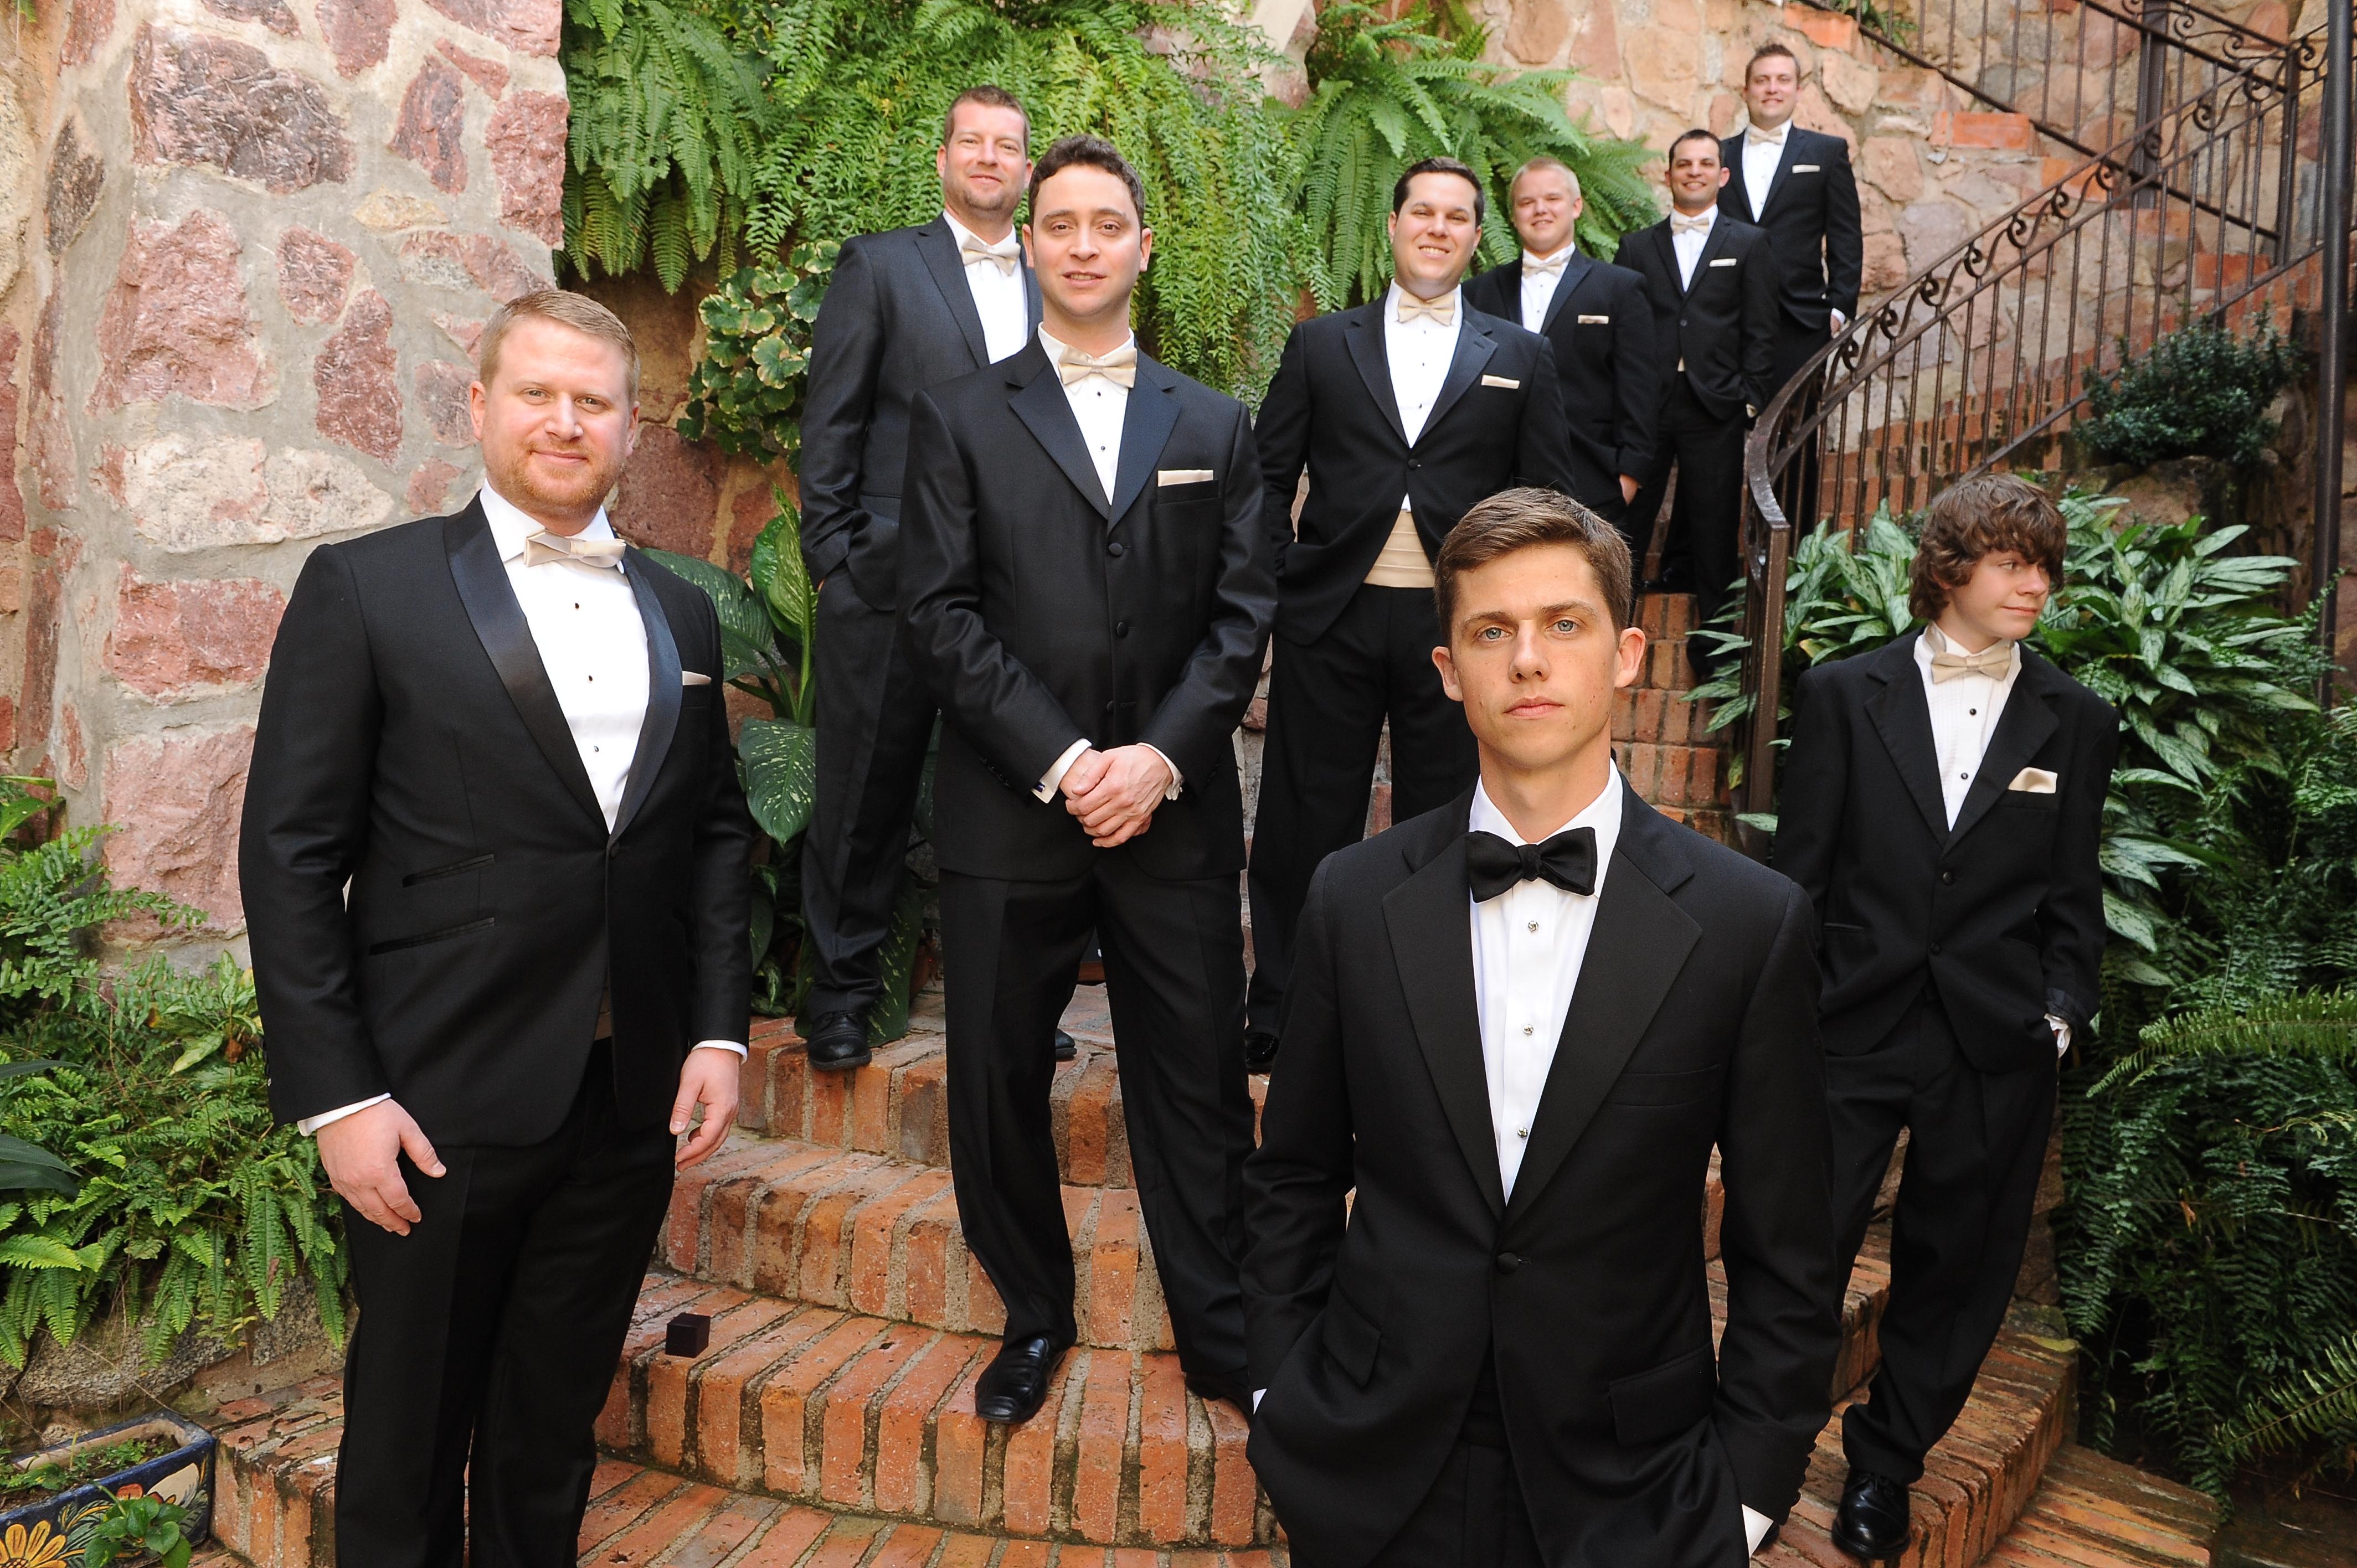 Style Friend Guys Wedding Groomsmen Groom